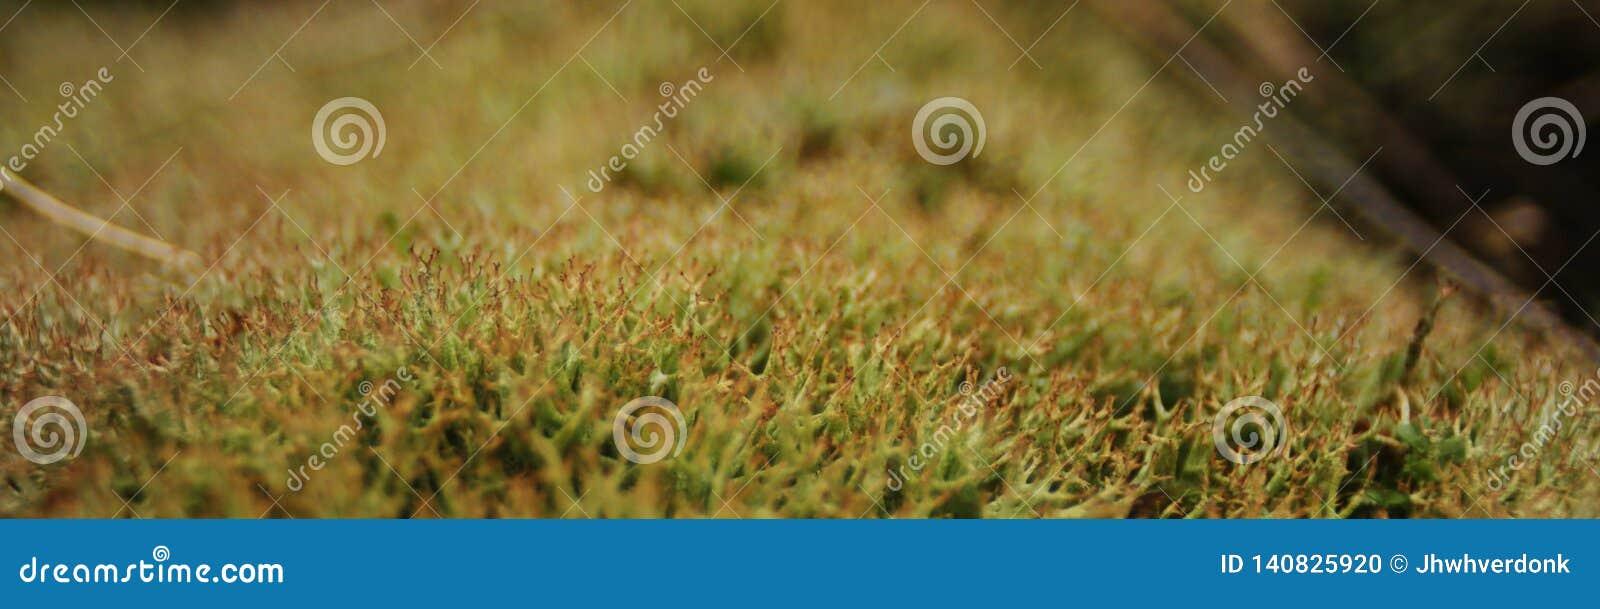 Вытянутое фото макроса зеленого мха, ясно показывая разветвленное строение